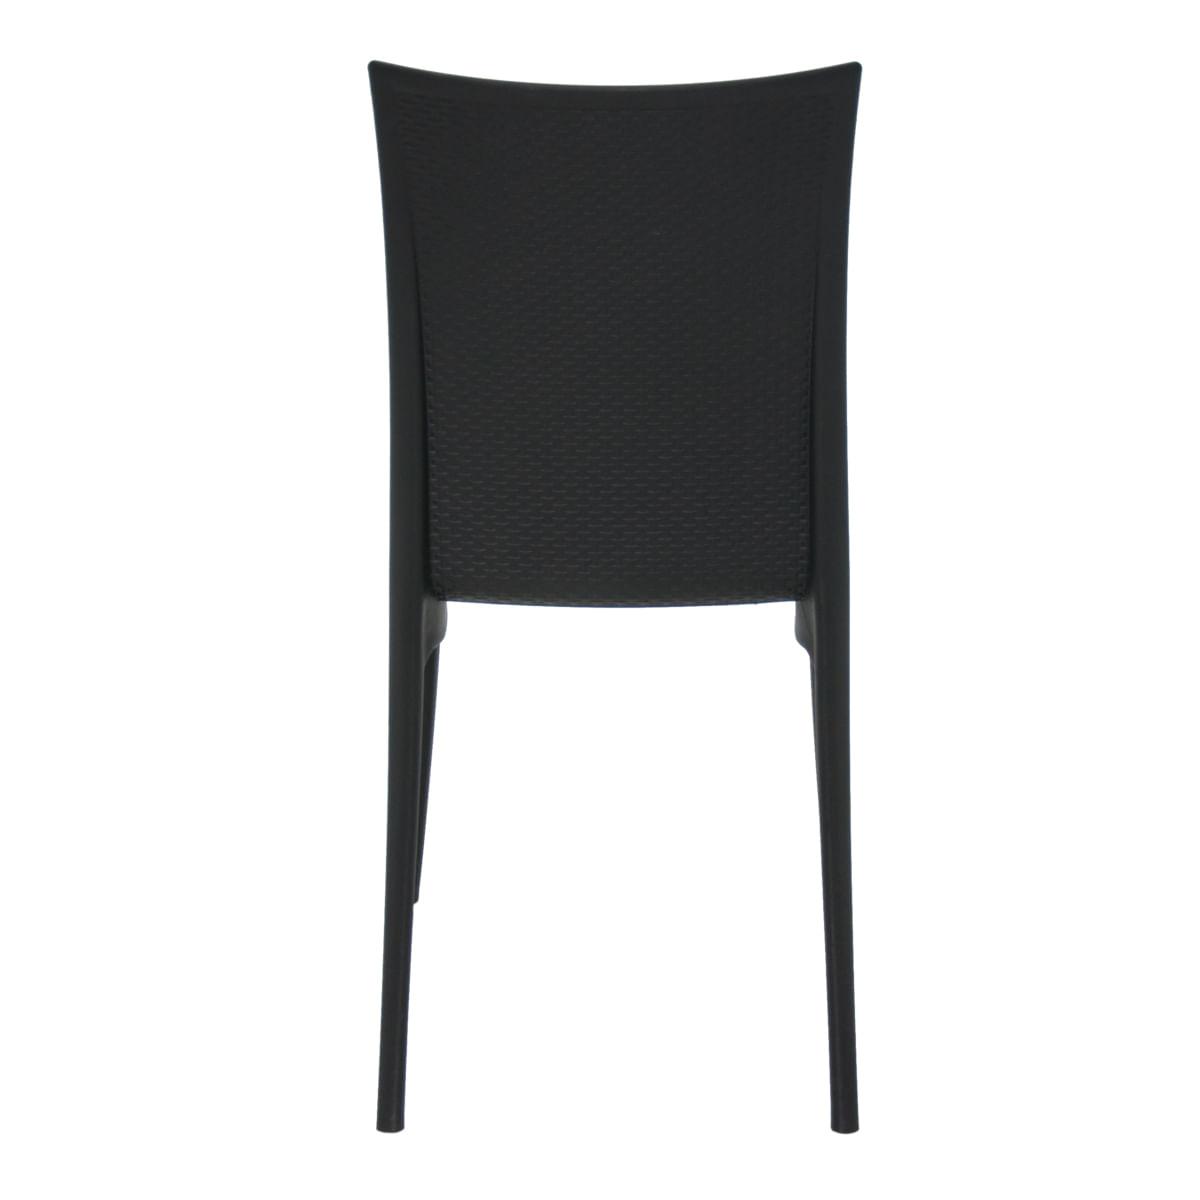 Cadeira Tramontina Laura Ratan Preta em Polipropileno e Fibra de Vidro